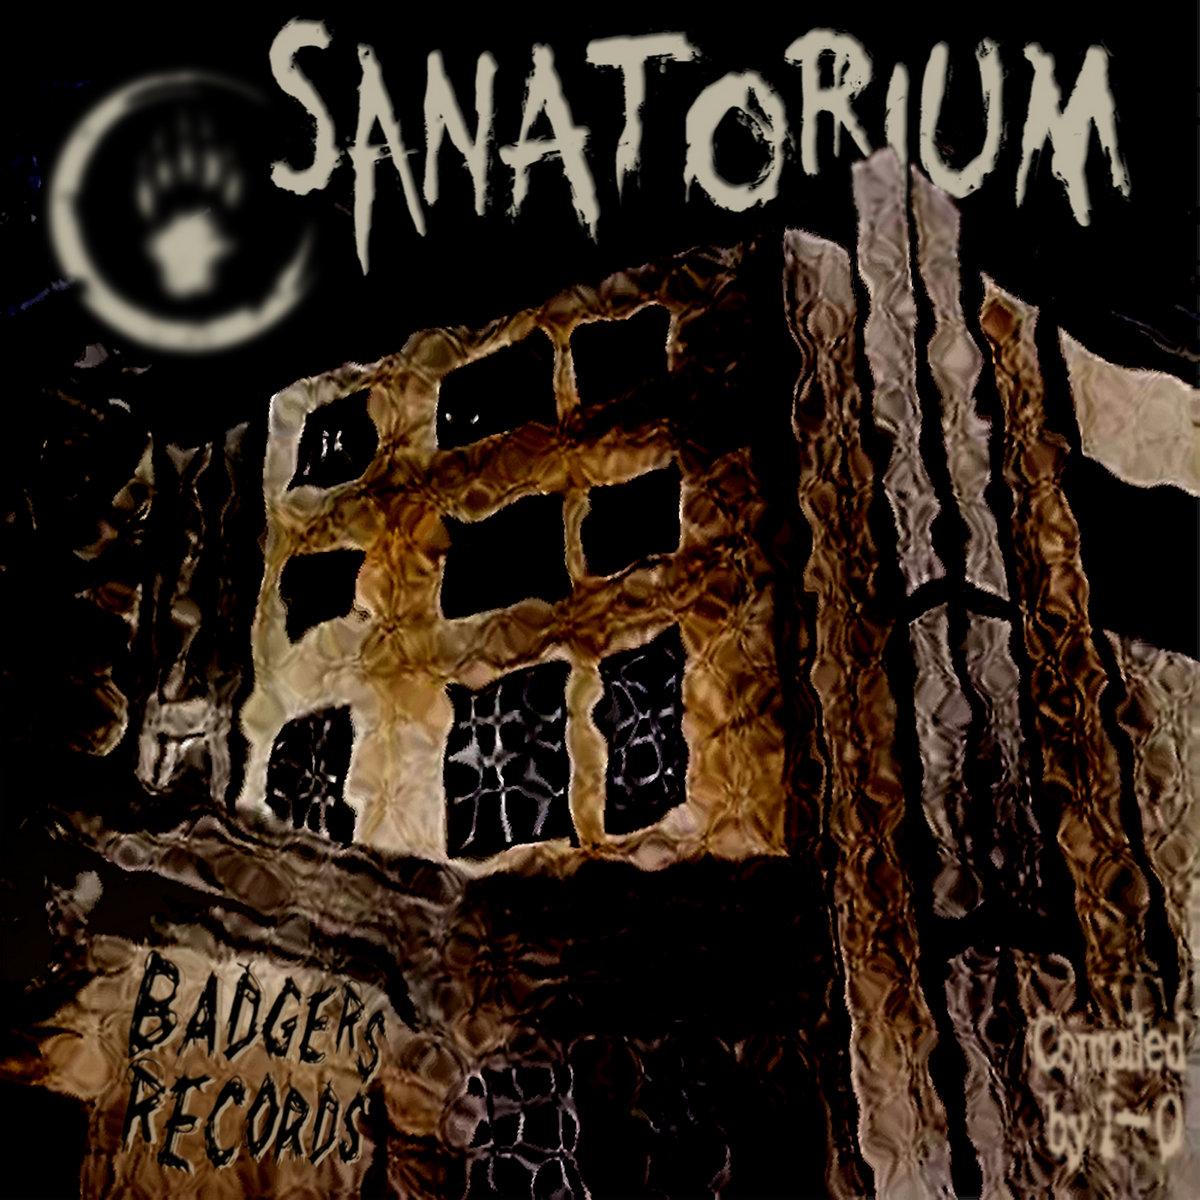 VA - Sanatorium | Badgers Records